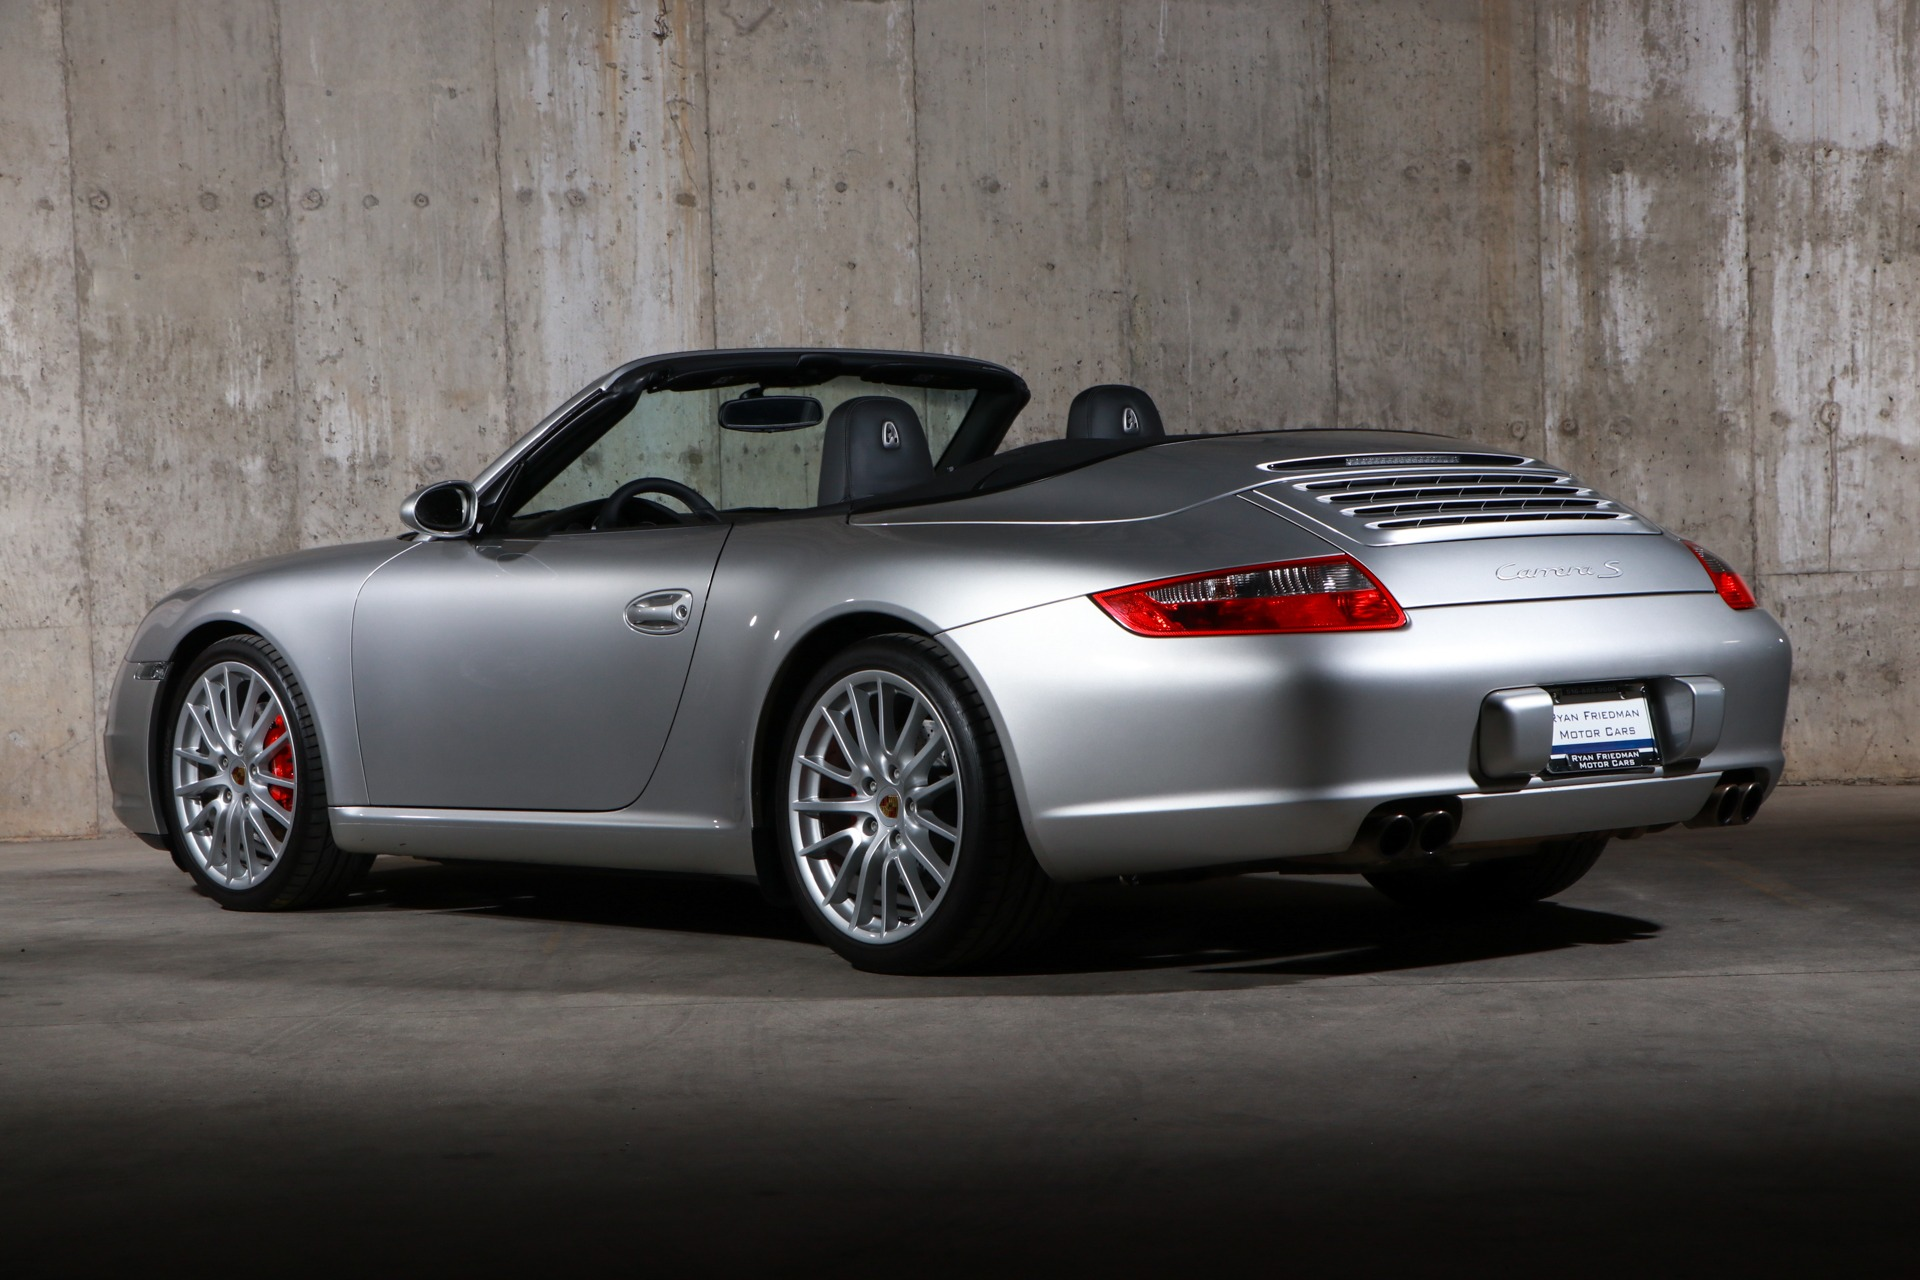 Used 2006 Porsche 911 Carrera S | Glen Cove, NY